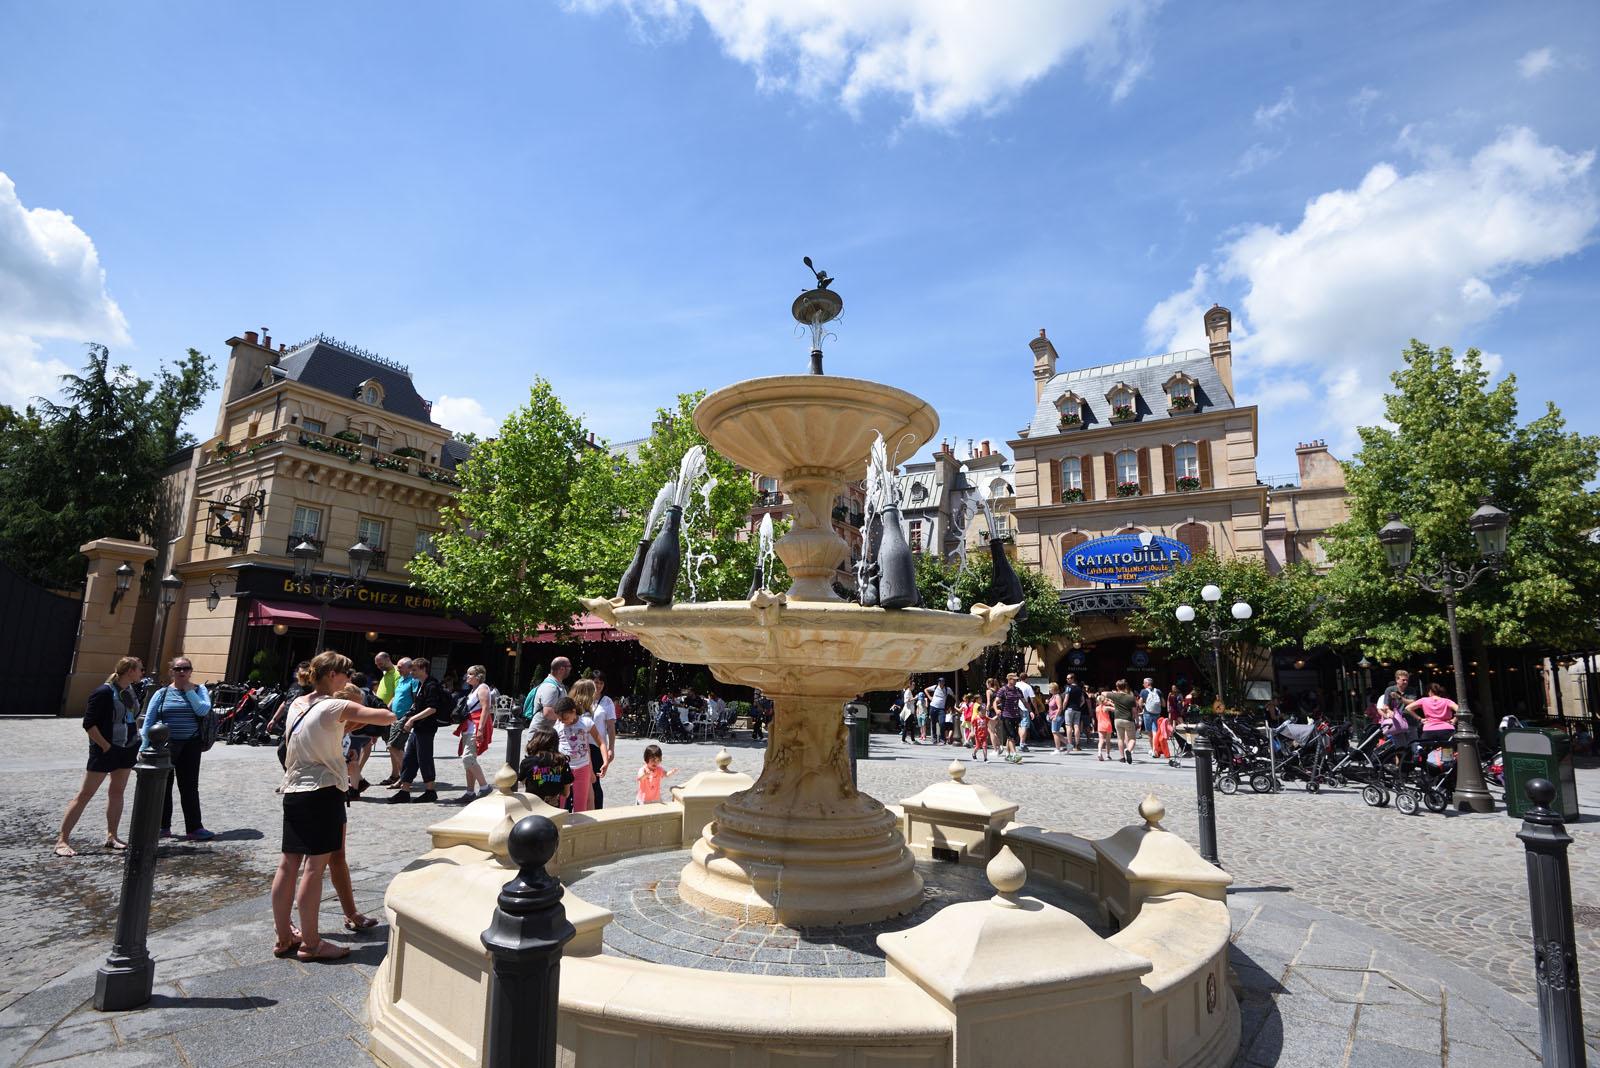 ディズニーランド・パリ レミーのおいしいレストラン:ザ・アドベンチャー Disneyland Paris Ratatouille: The Adventure